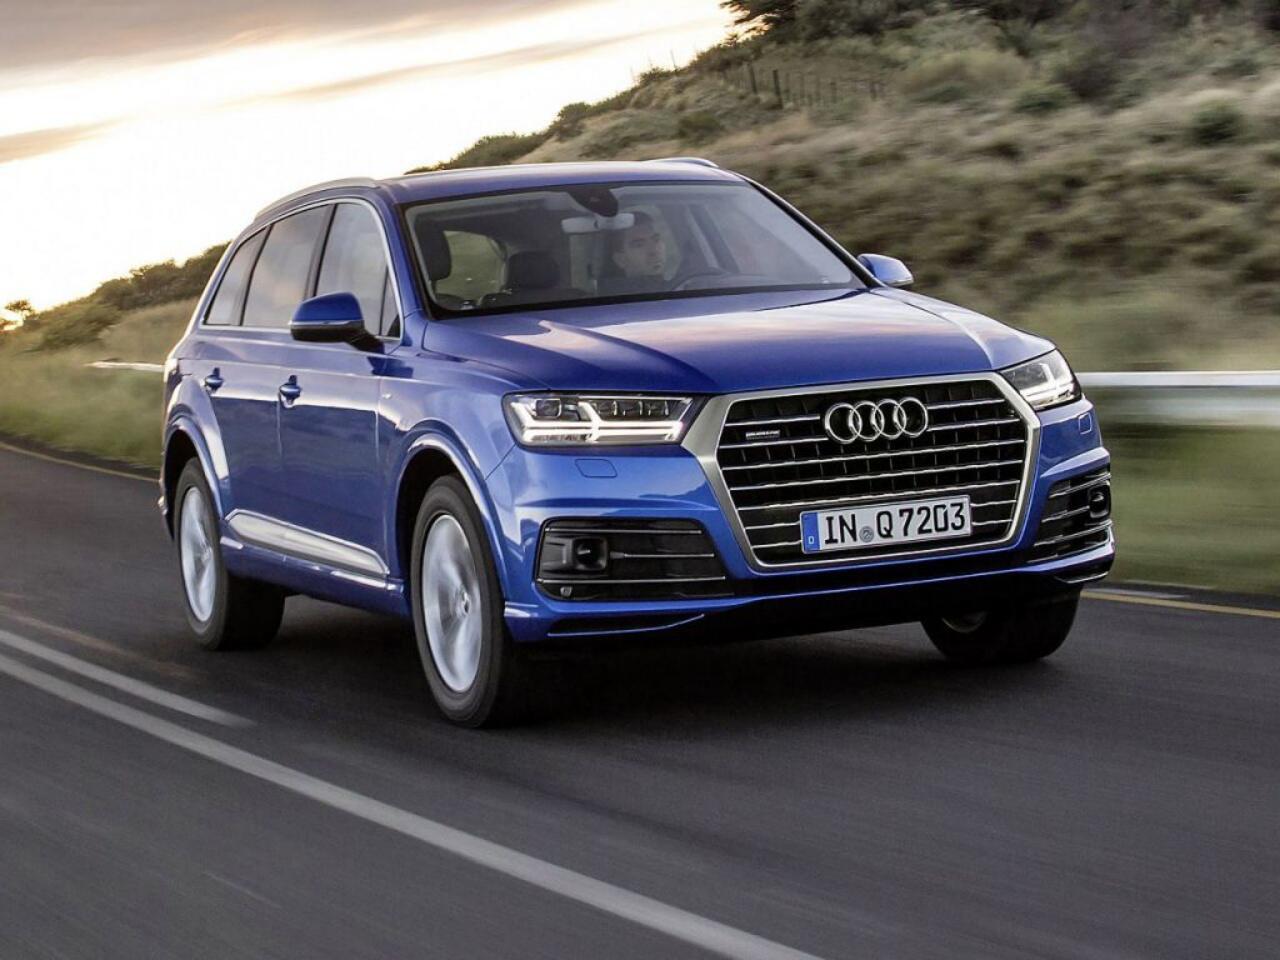 Bild zu Platz 1 - Modell: Audi Q7 3.0 TDI